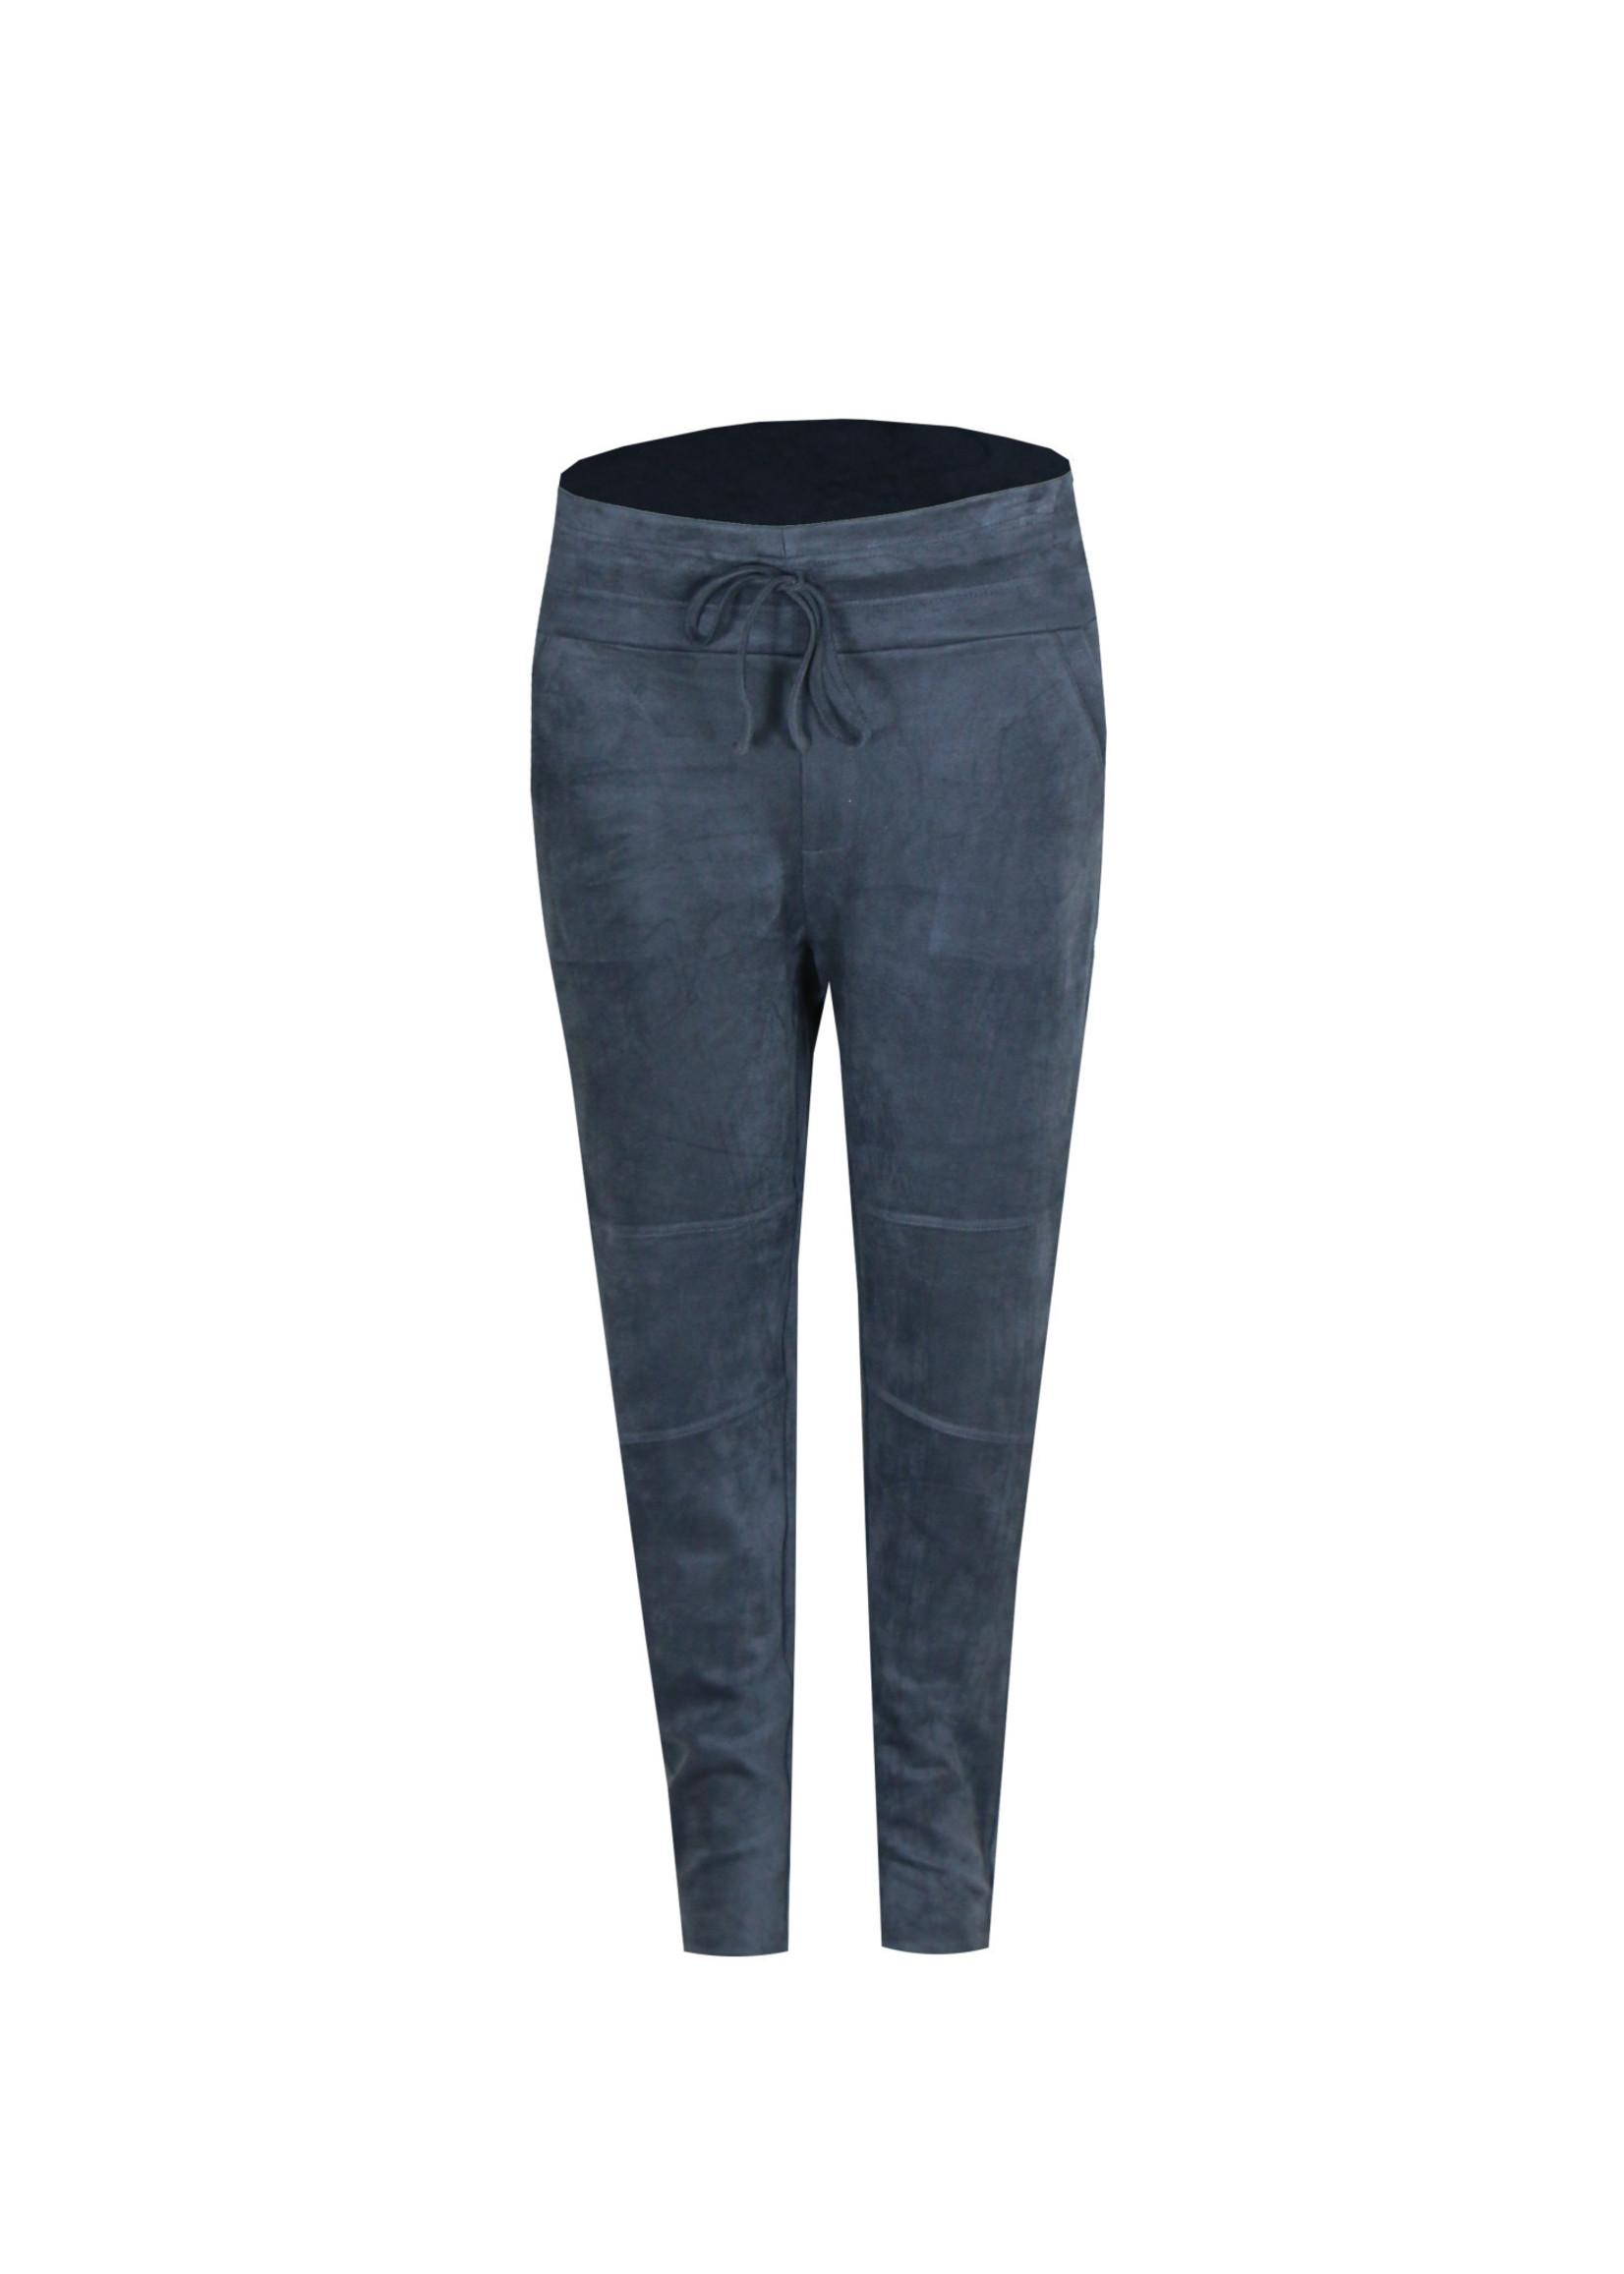 G-Maxx G-maxx - Tiffany broek - Jeansblauw